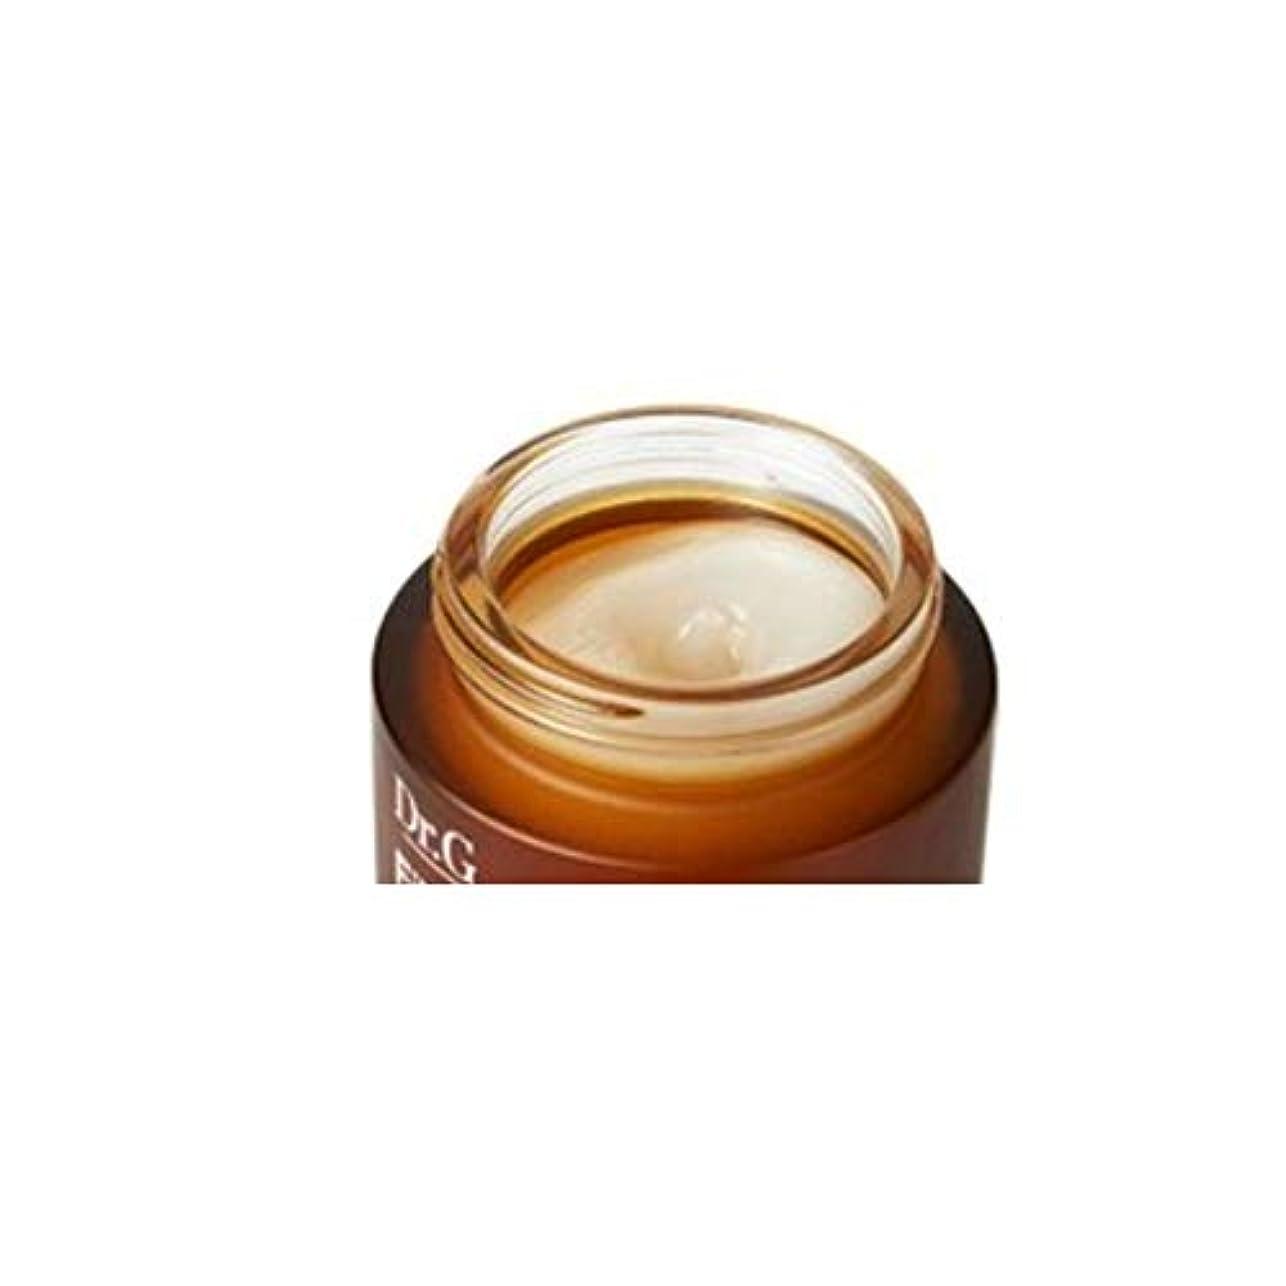 発送気味の悪いクレタドクターGピラーグリーンバリアBalm 50mlx2本セット お肌の保湿 韓国コスメ、Dr.G Filagrin Barrier Balm 50ml x 2ea Set Korean Cosmetics [並行輸入品]